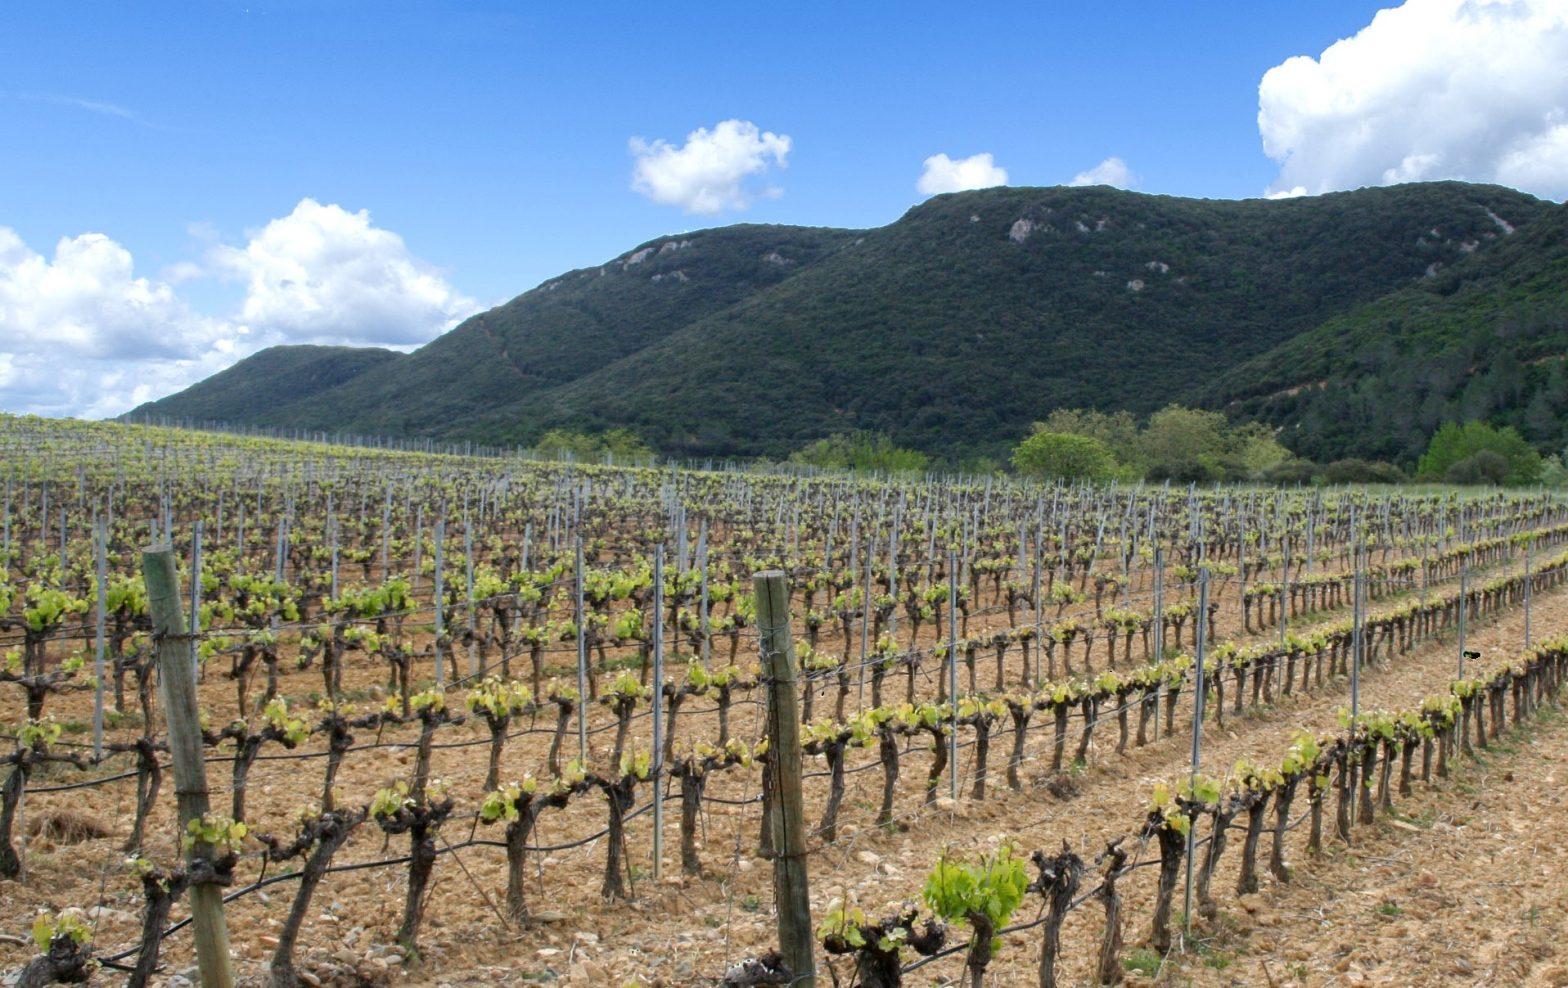 Propriété viticole à vendre de 38 HA - Languedoc - 1819LR - fr